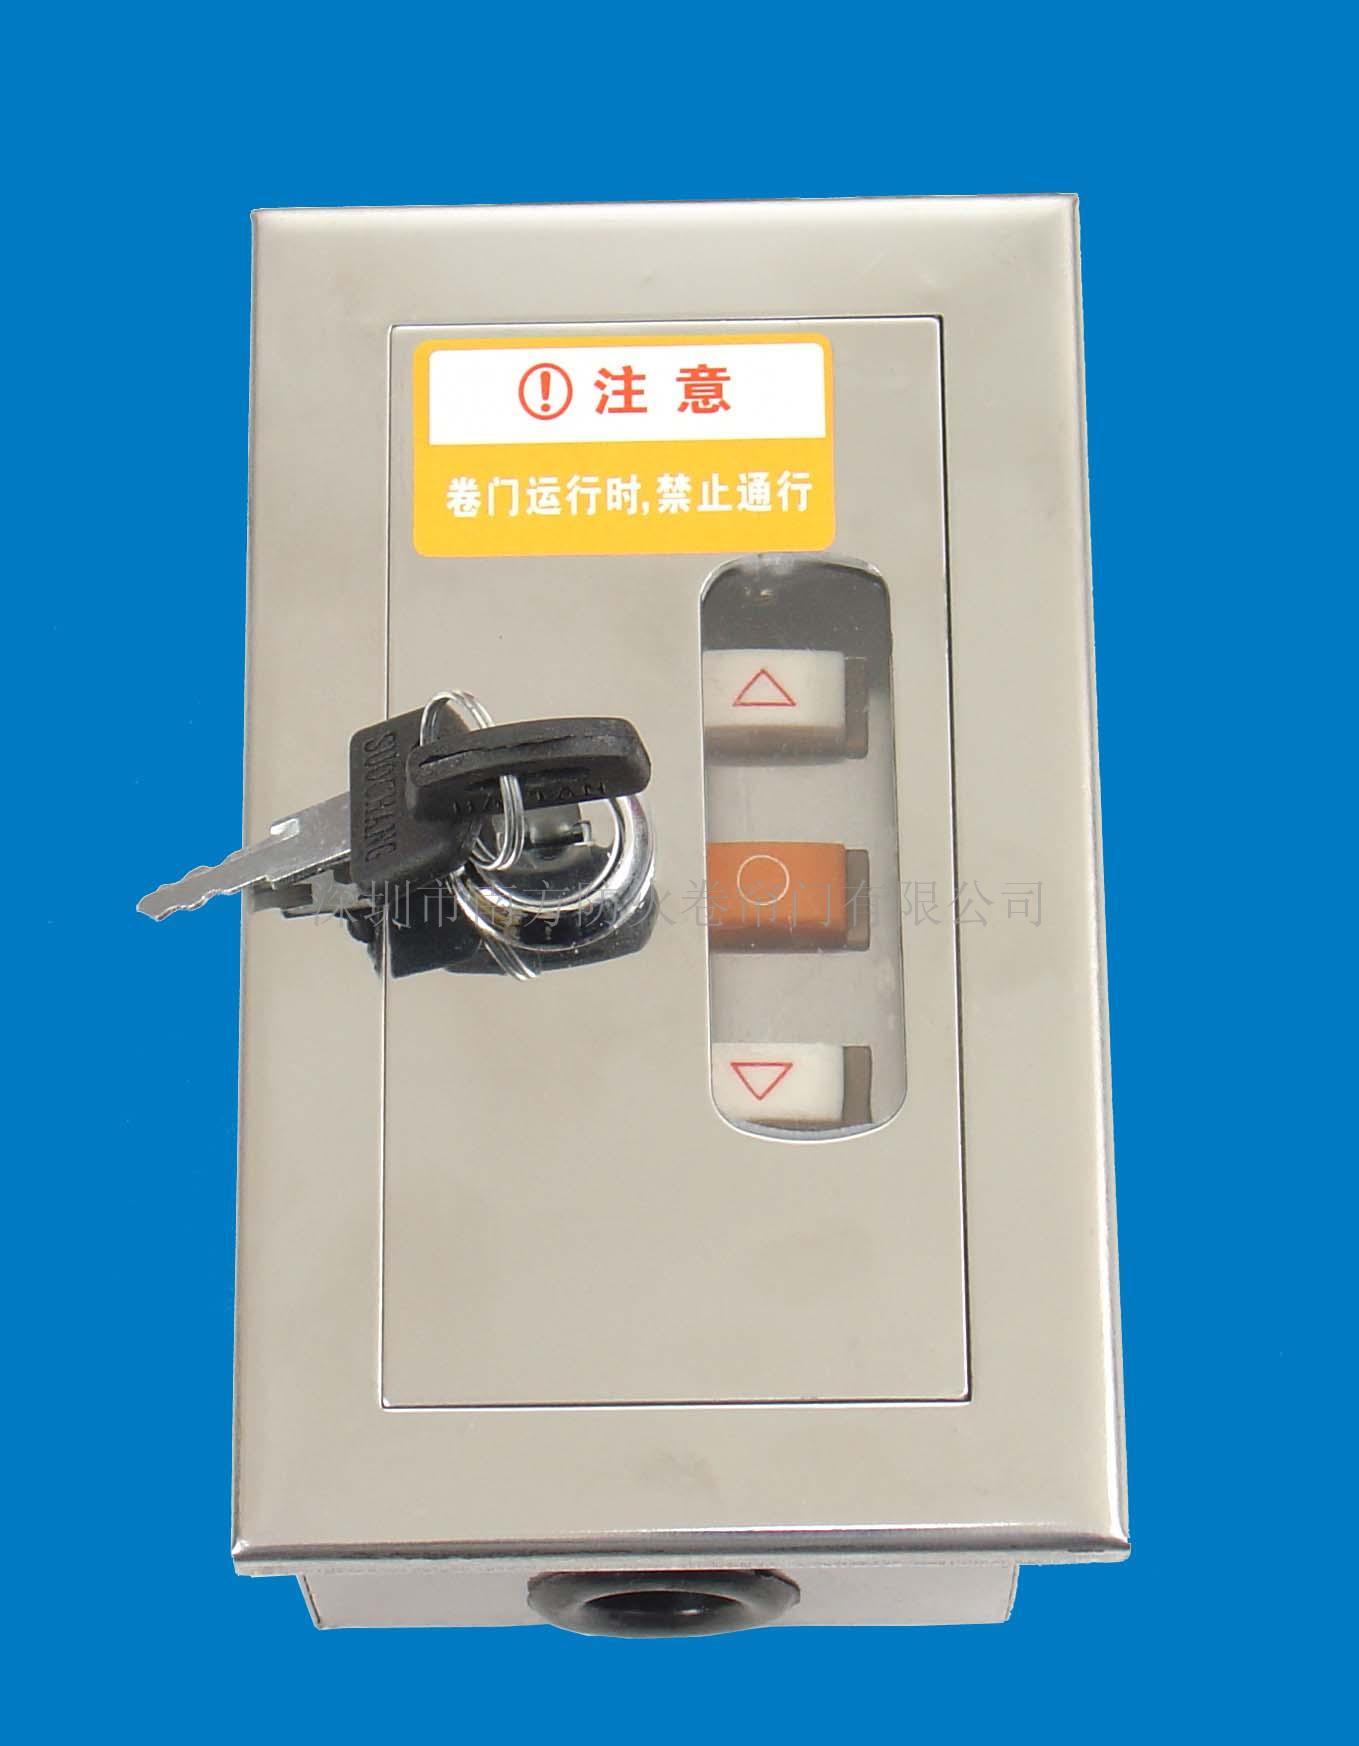 防火卷帘按钮盒,防火卷帘门控制按钮盒